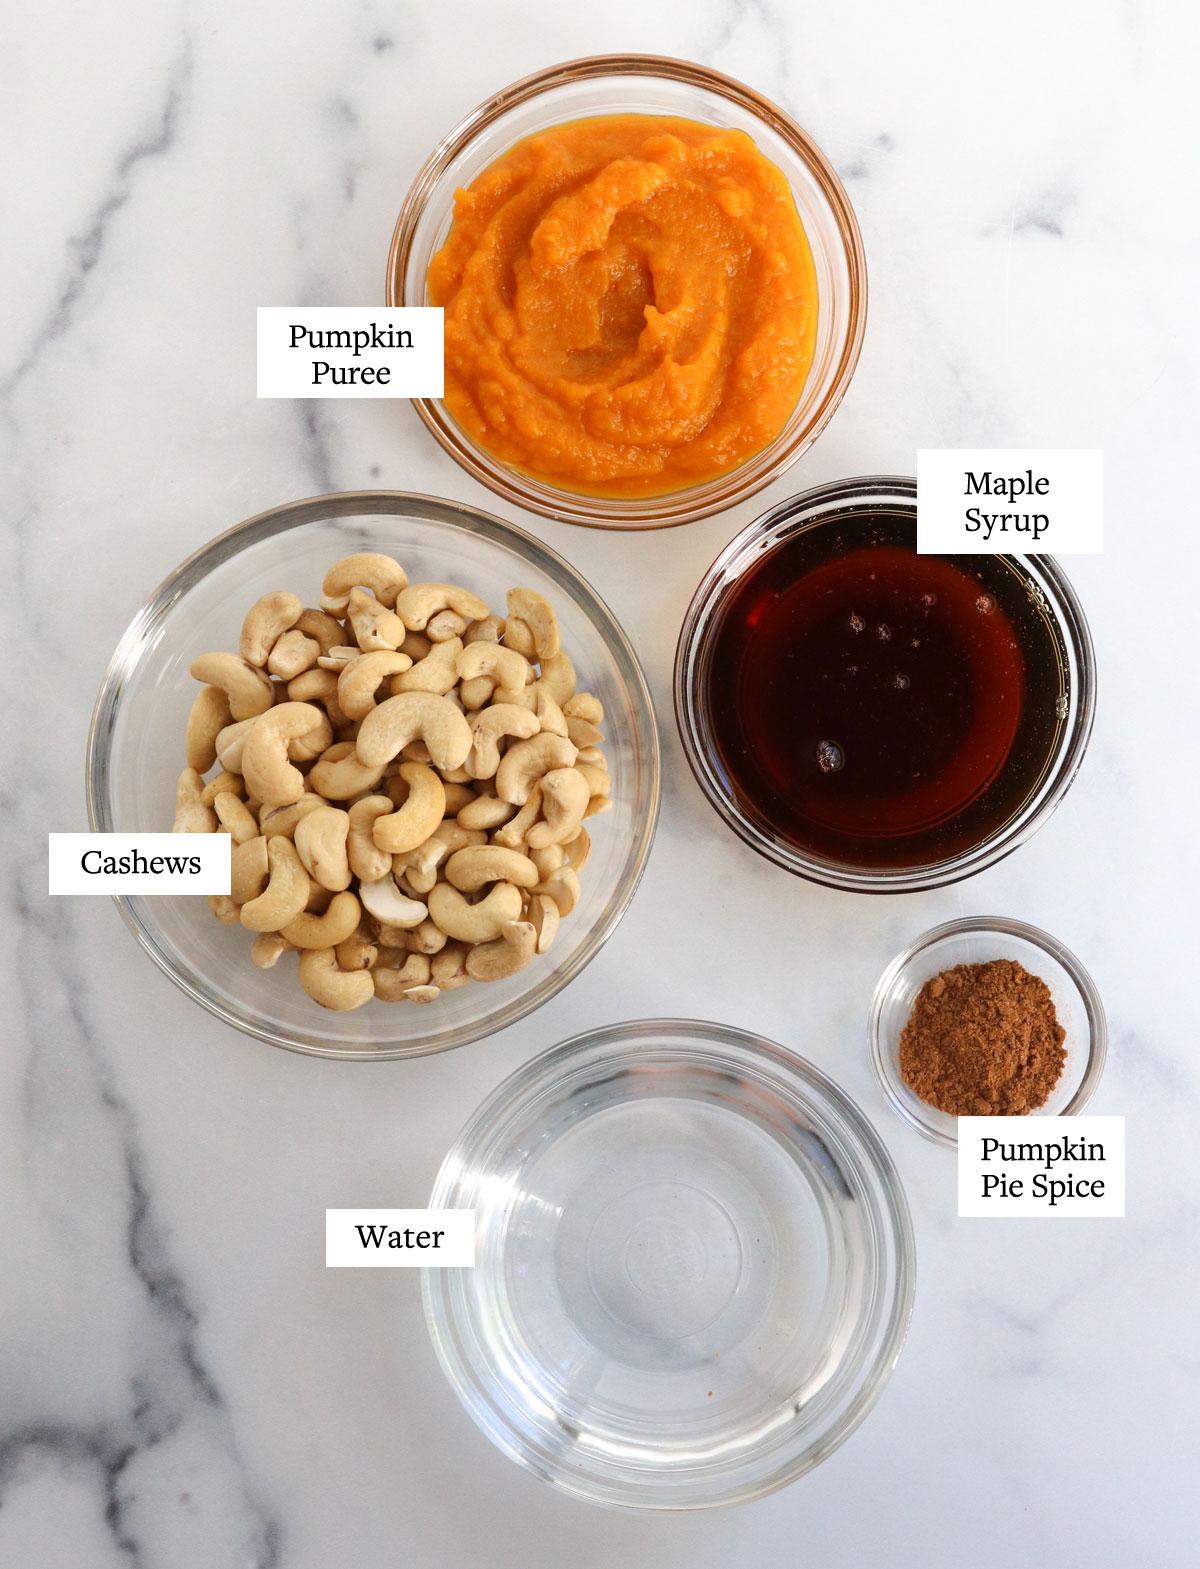 pumpkin ice cream ingredients in glass bowls